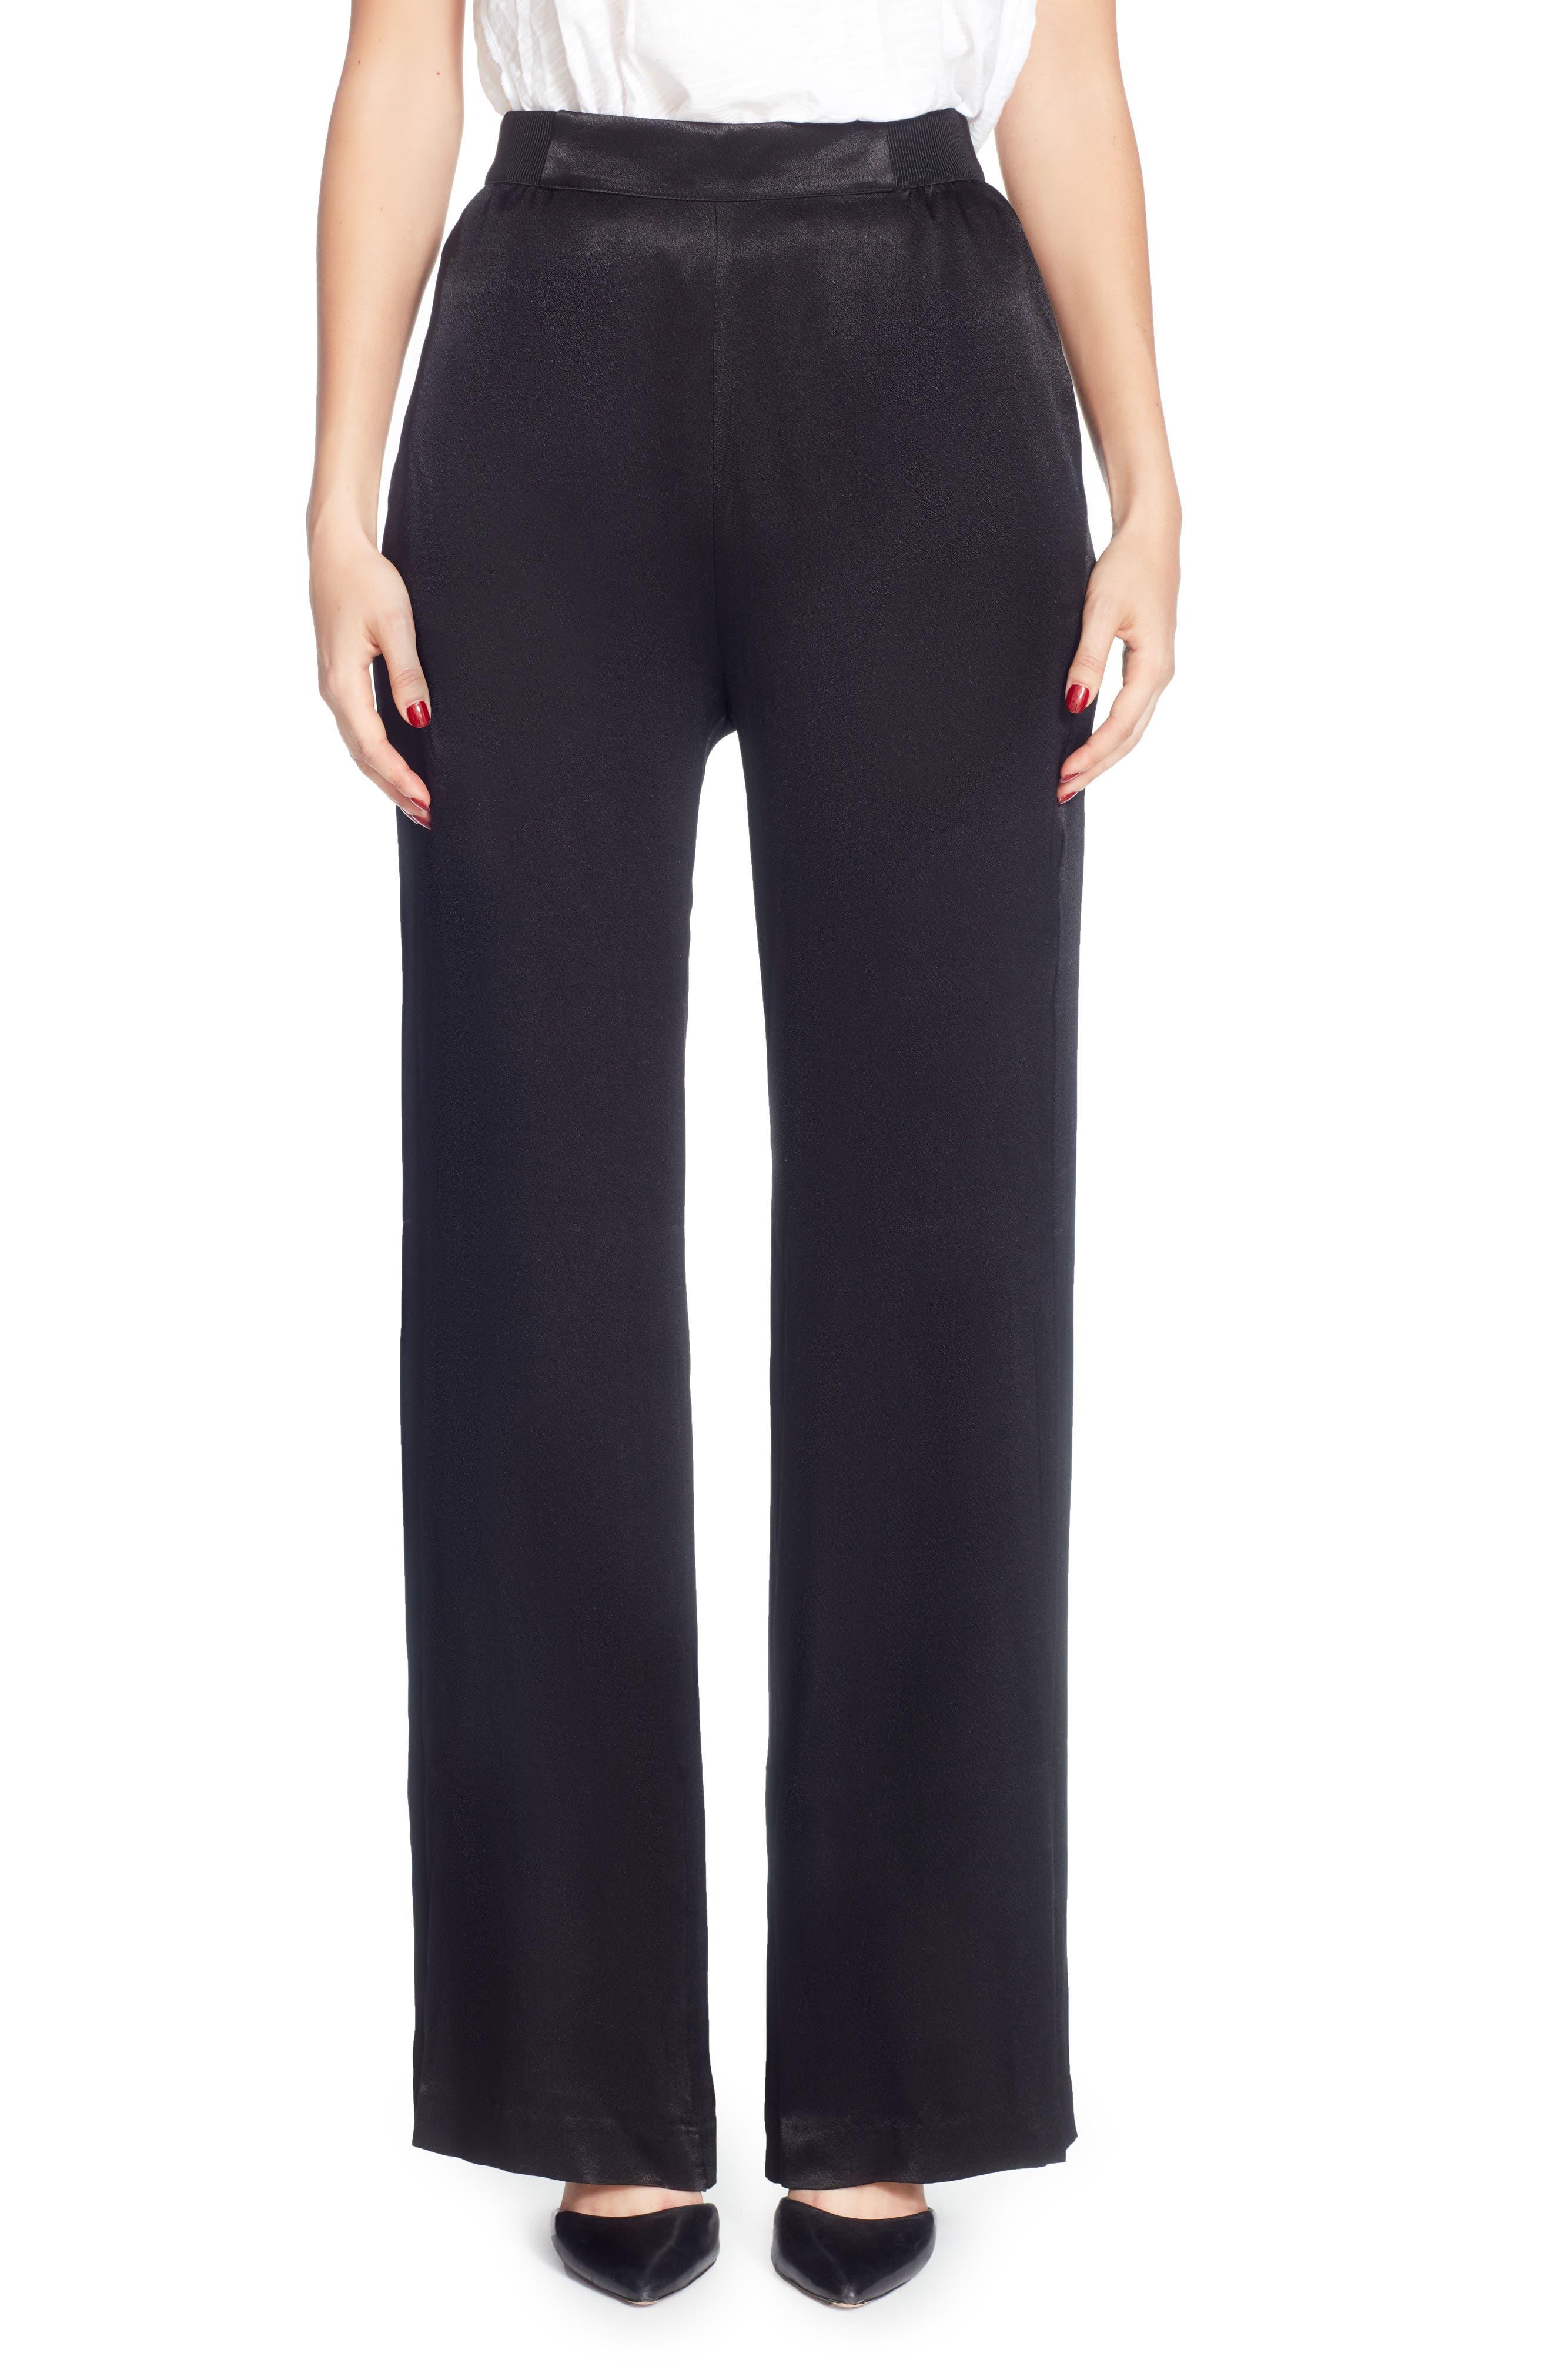 Lief Wide-Leg Pants,                         Main,                         color, 001